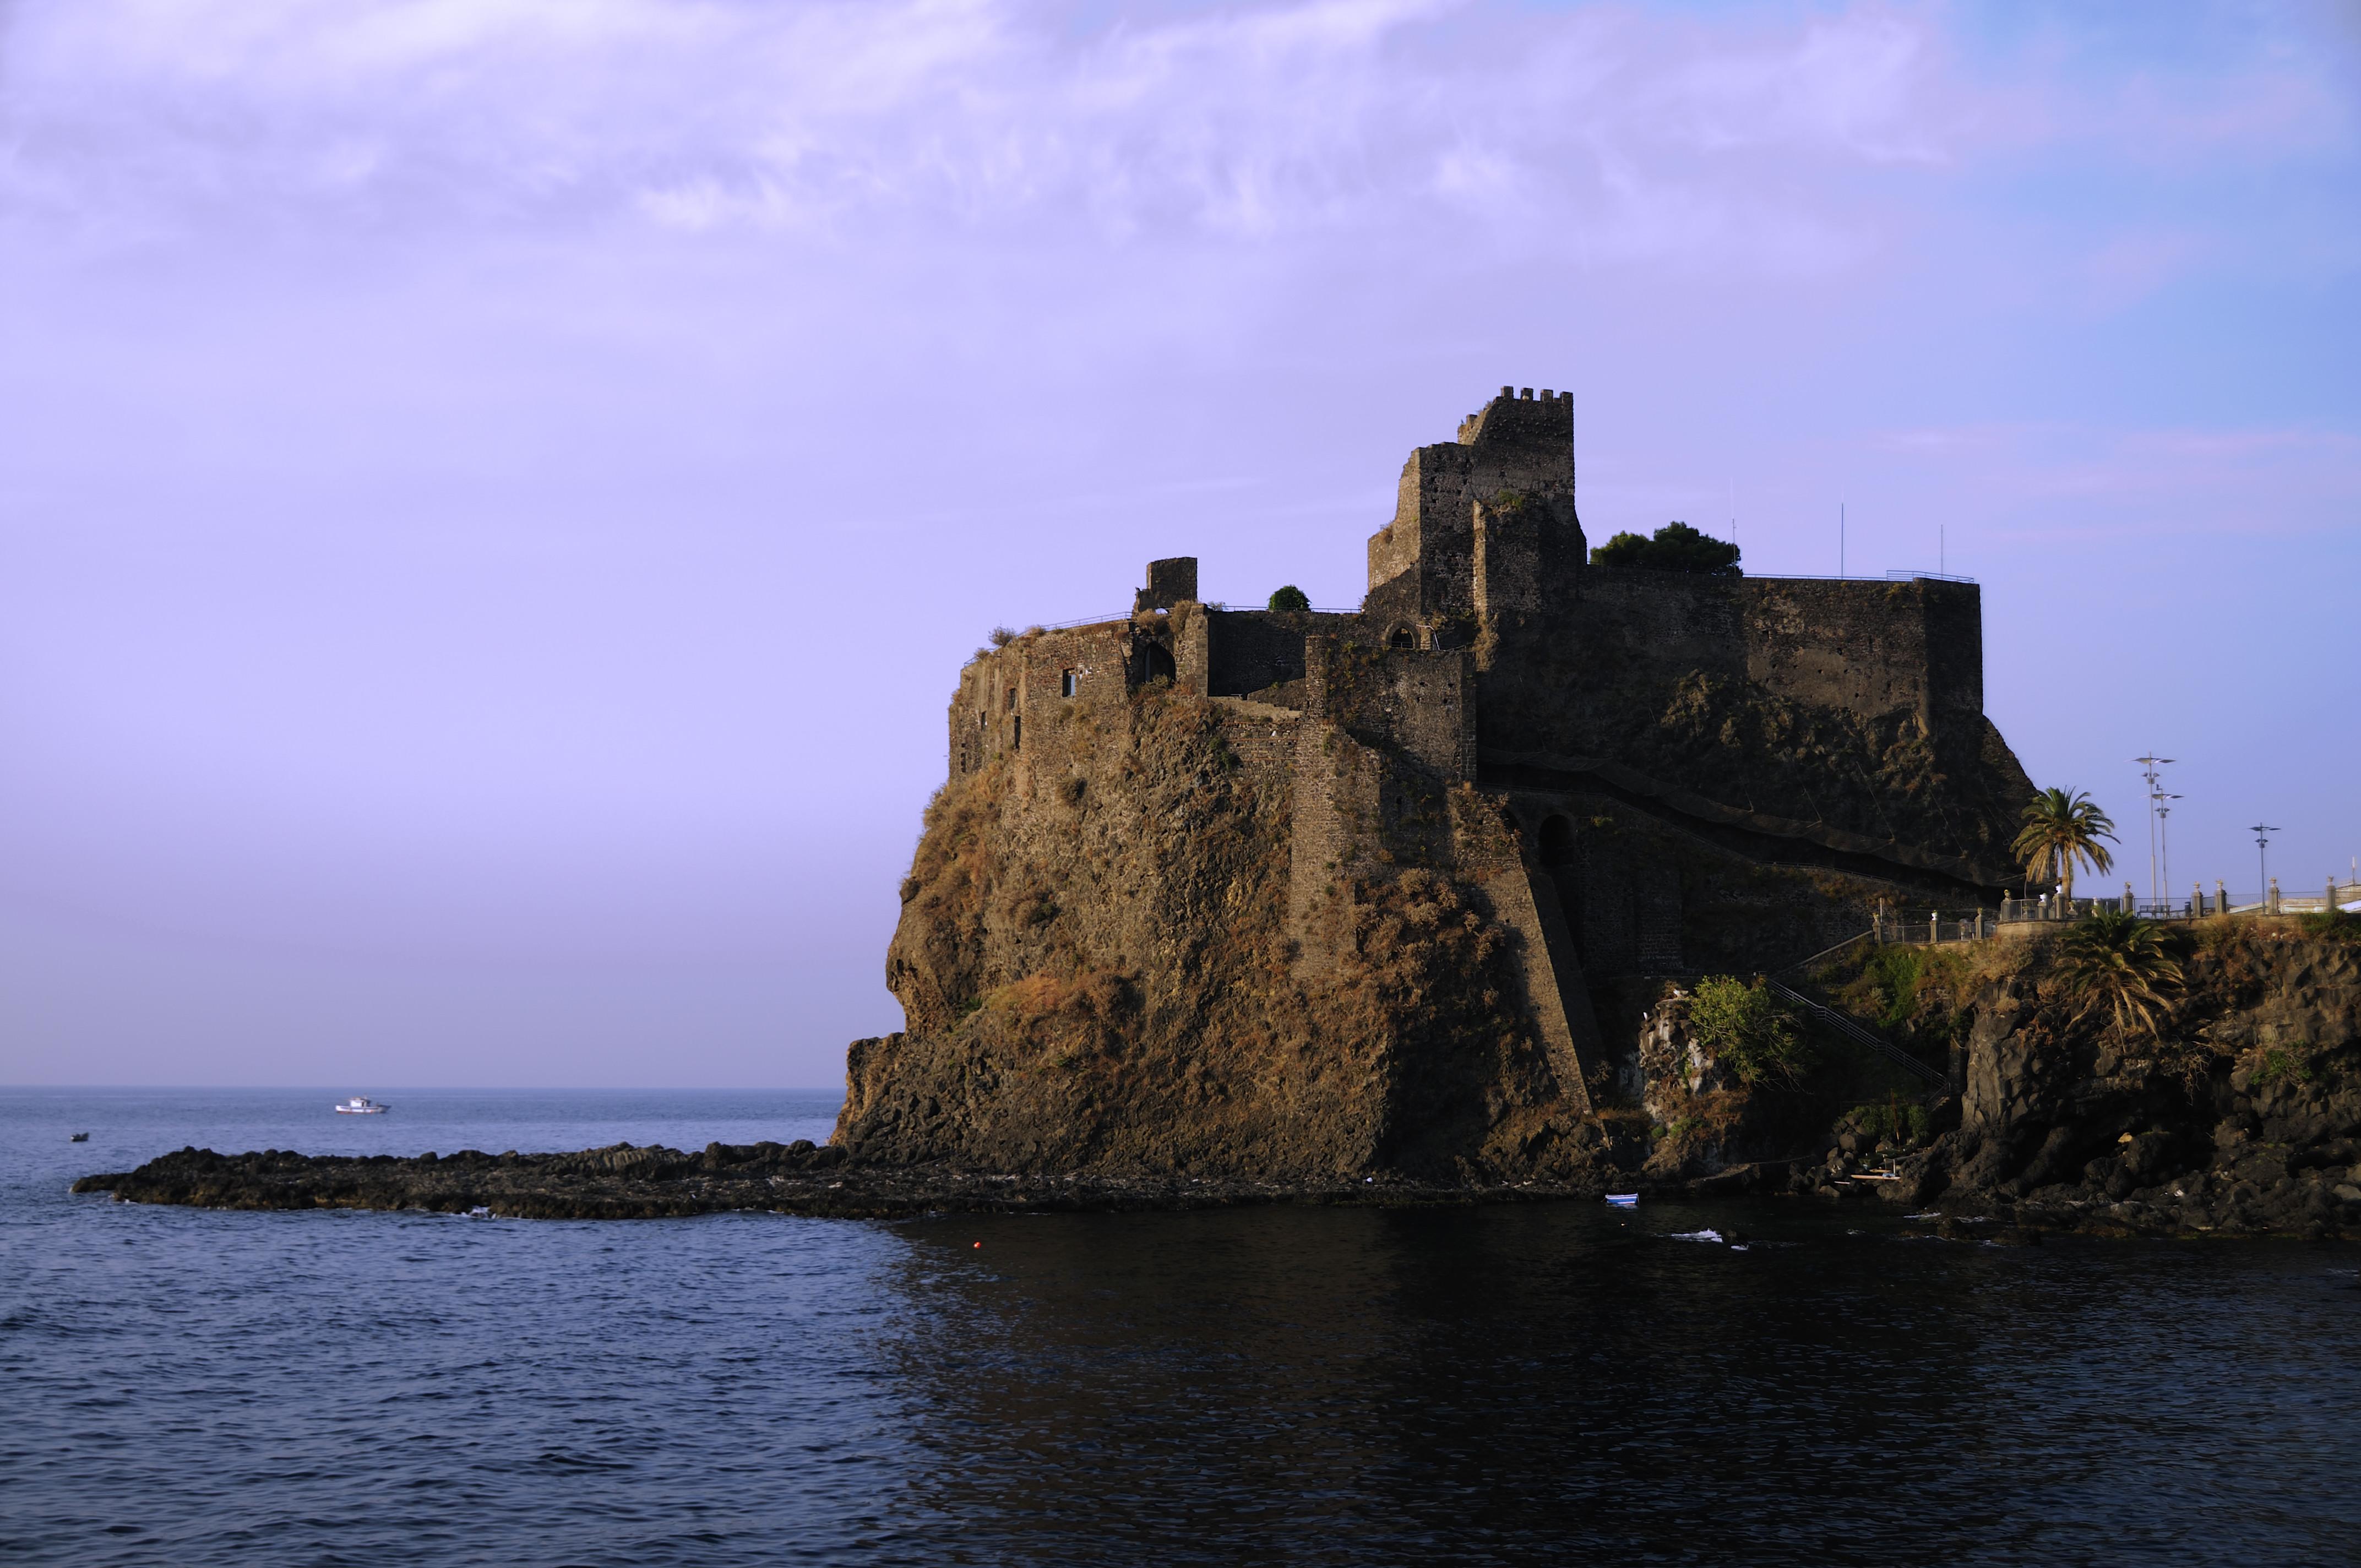 Prima il ponte levatoio del Castello di Aci Castello era in legno, oggi è in muratura